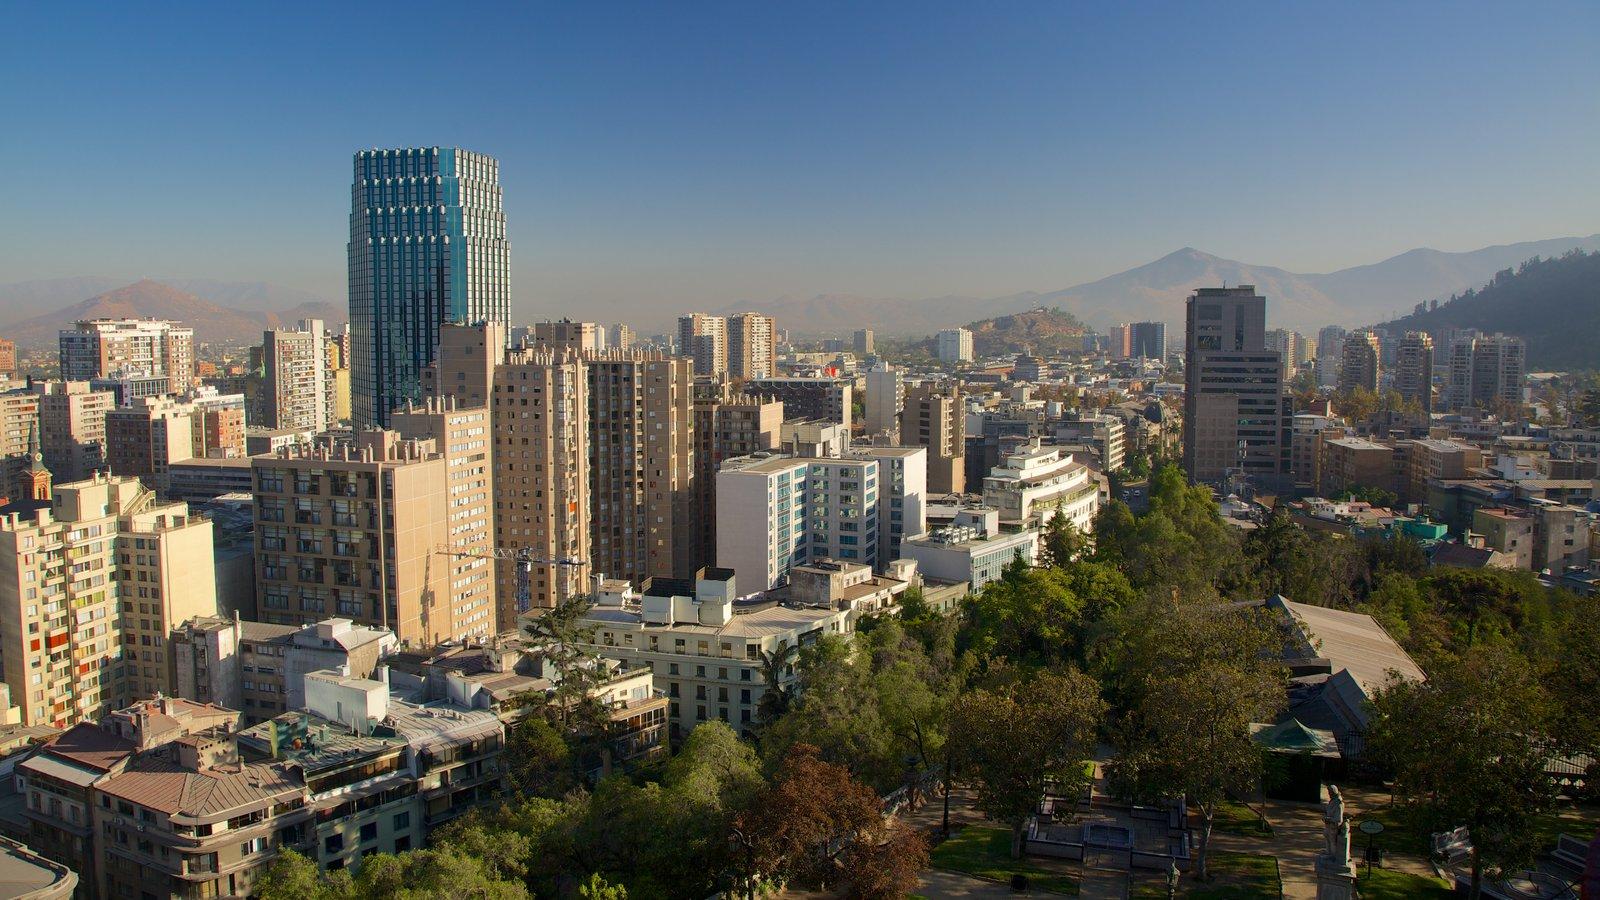 Cerro Santa Lucia mostrando cbd e uma cidade